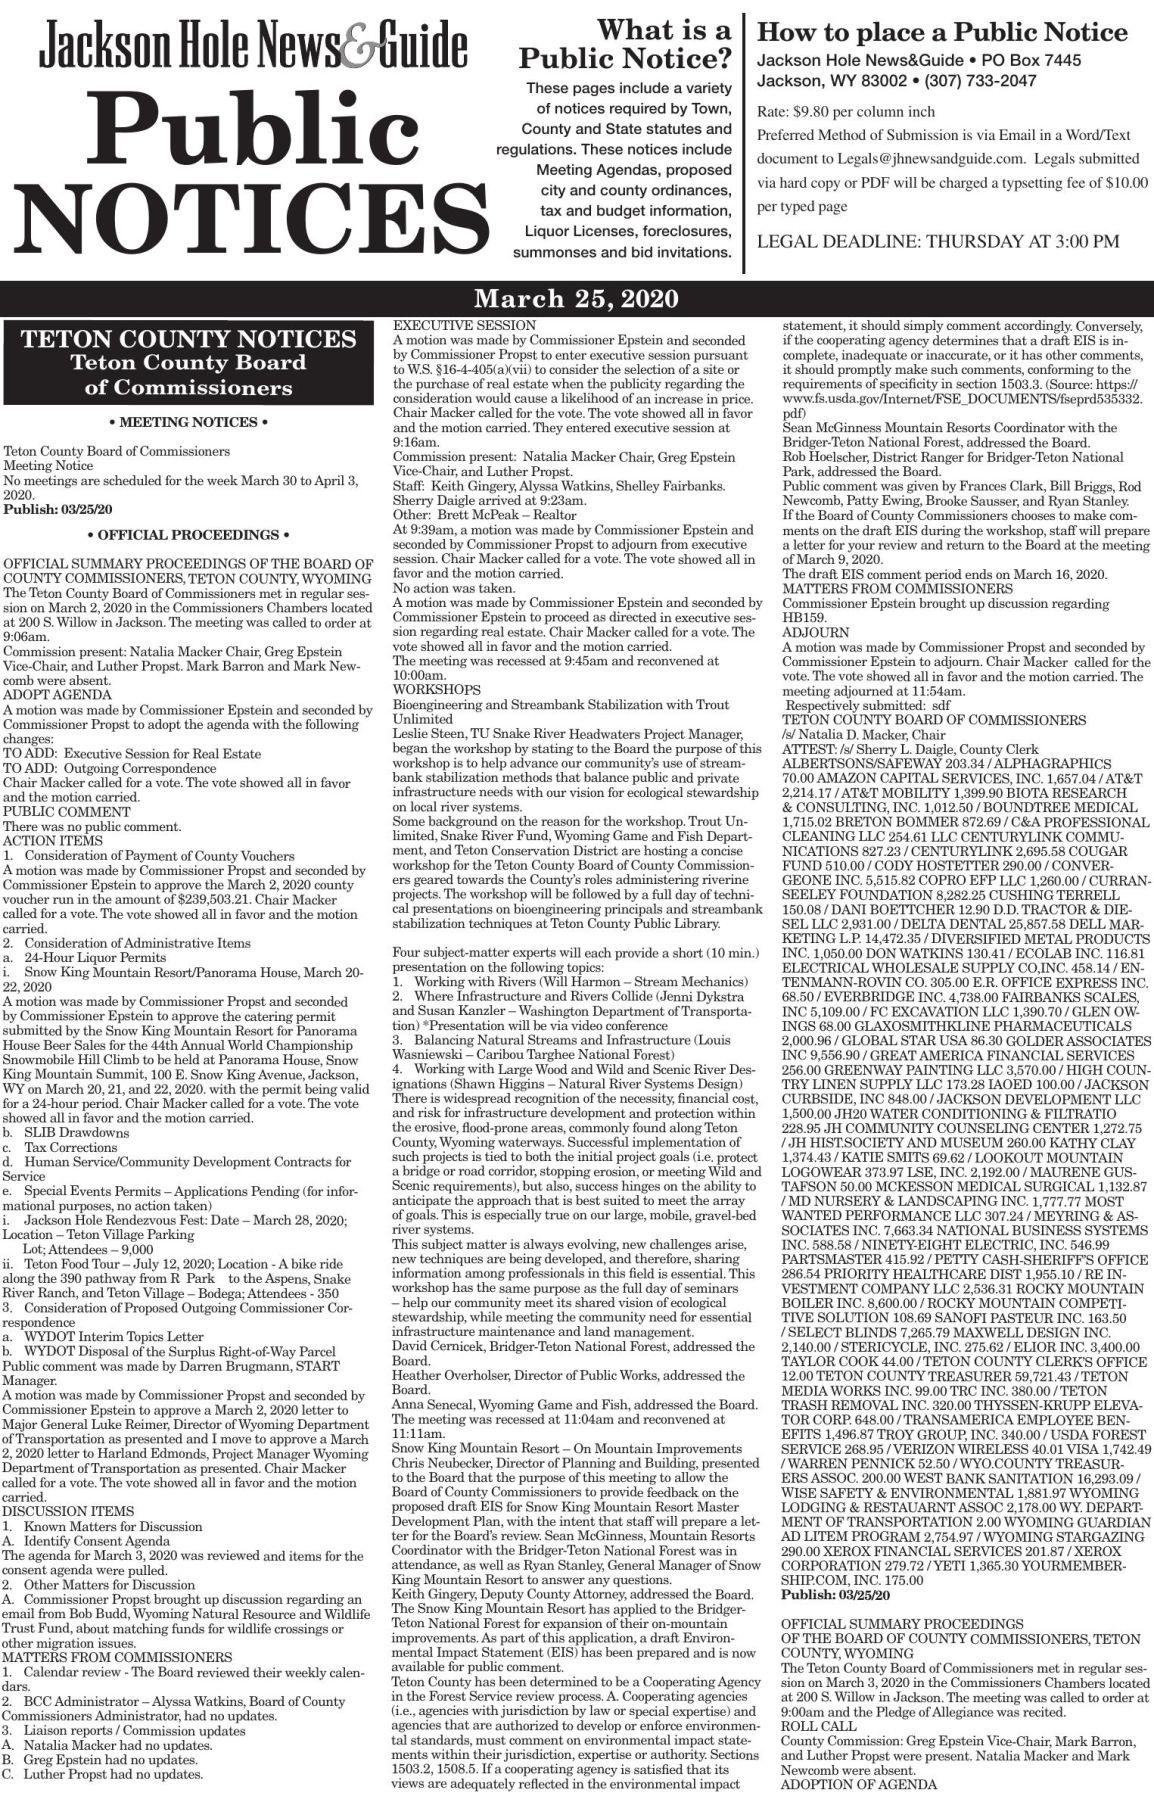 Public Notices, March 25, 2020